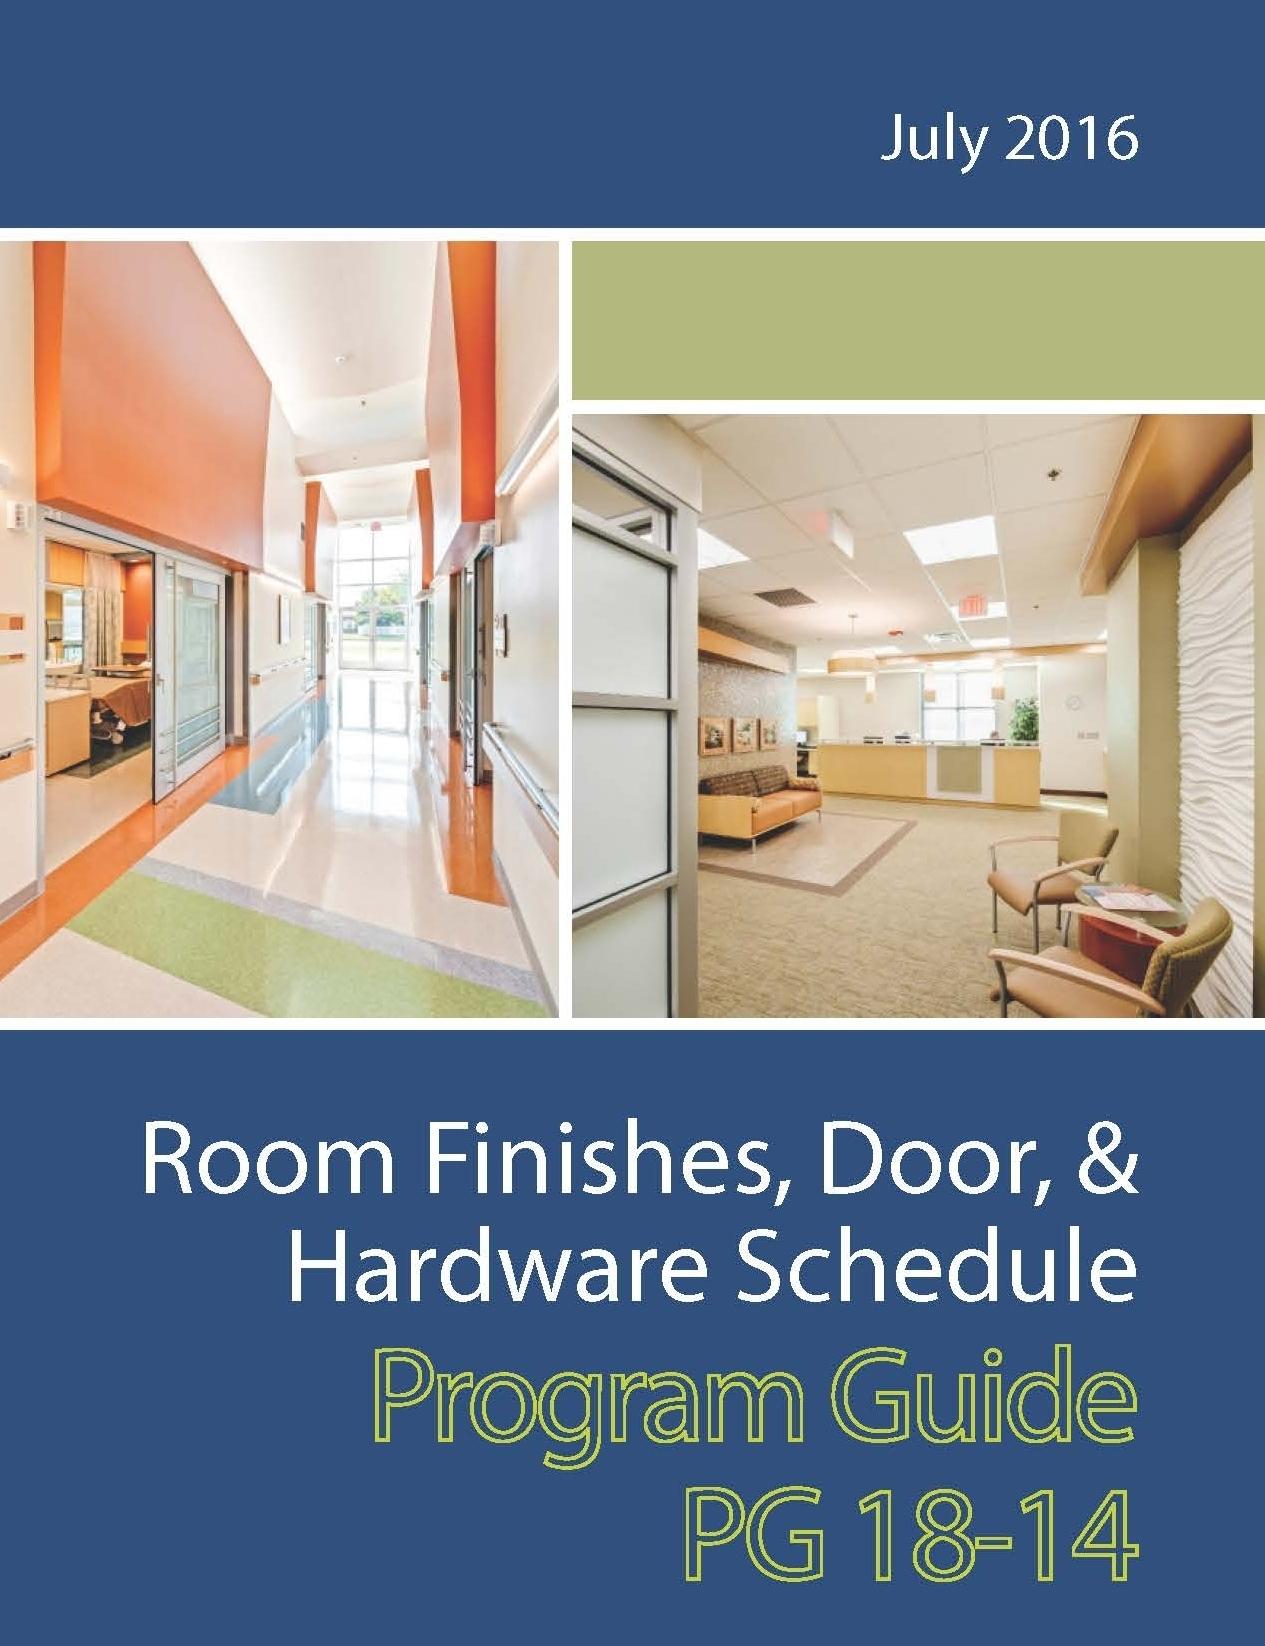 Room Finishes, Door, & Hardware Schedule Program Guide